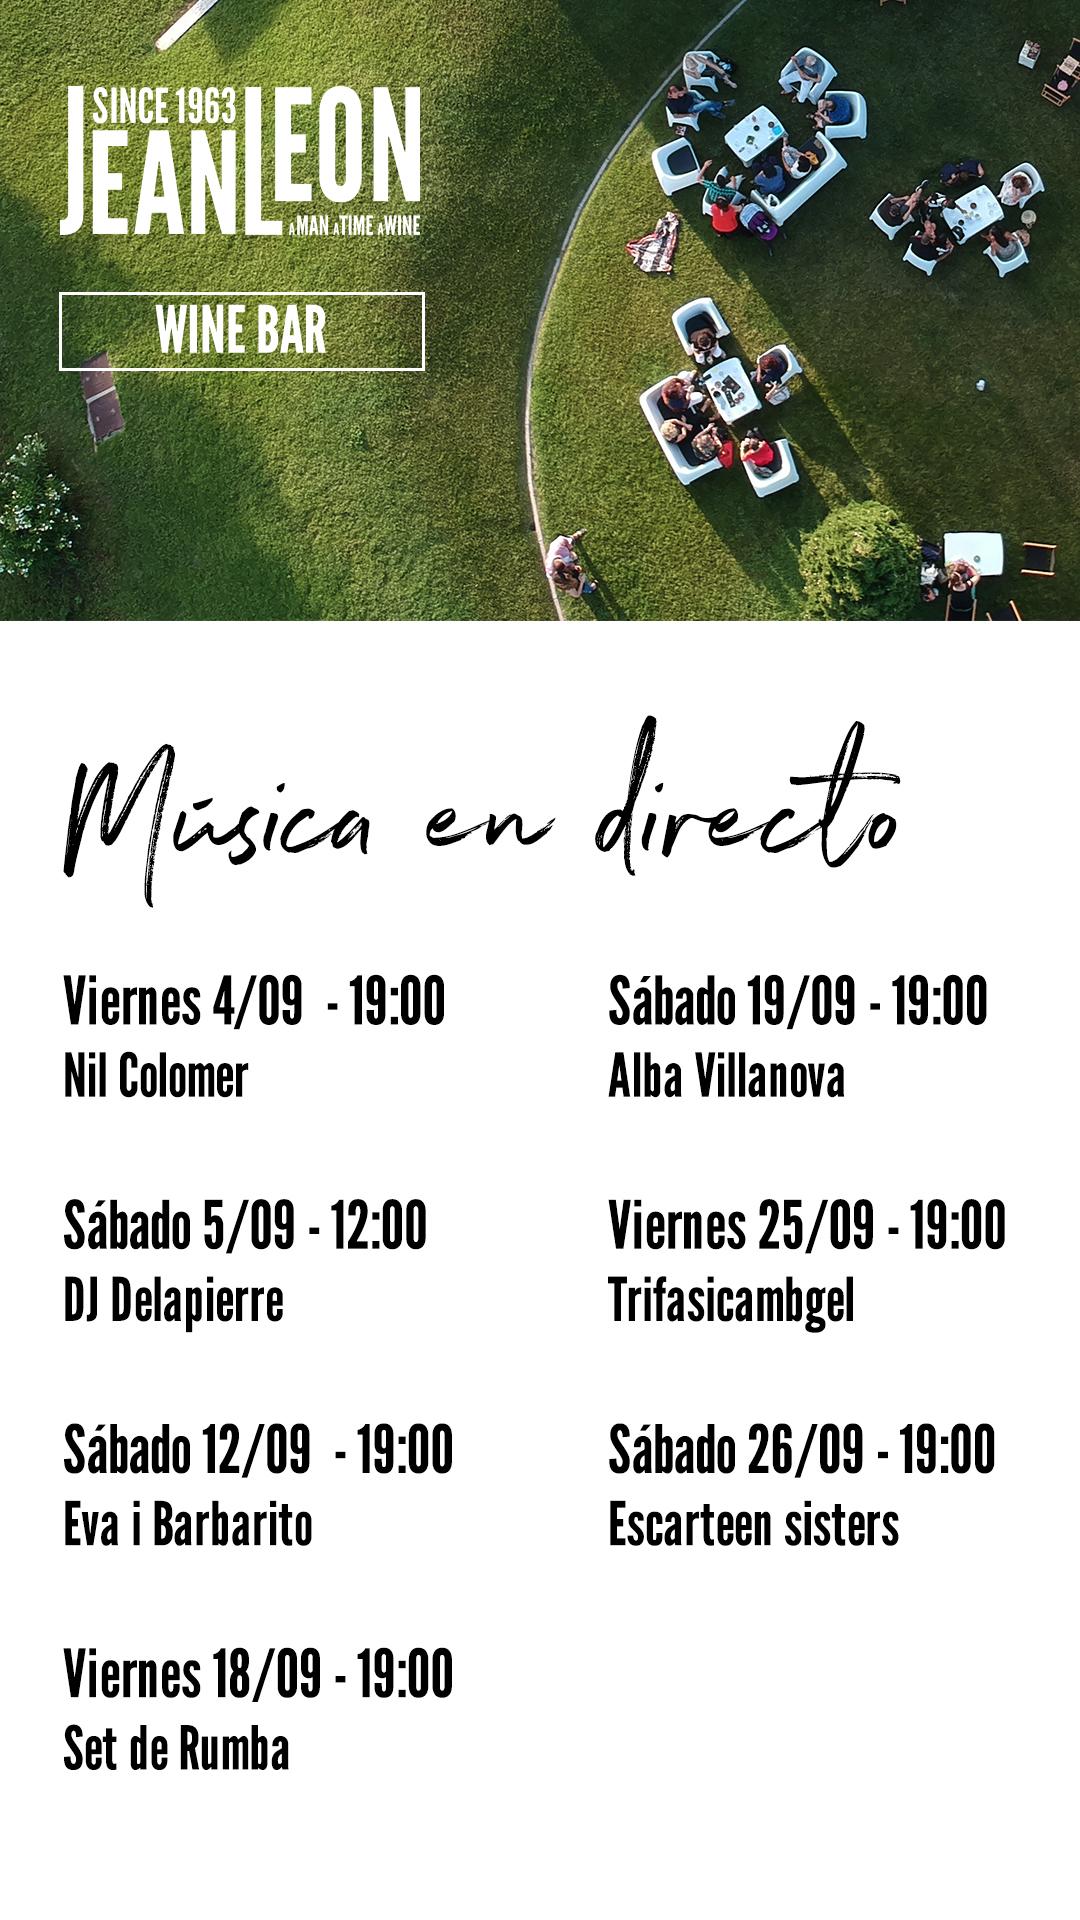 Programa de los conciertos en directo